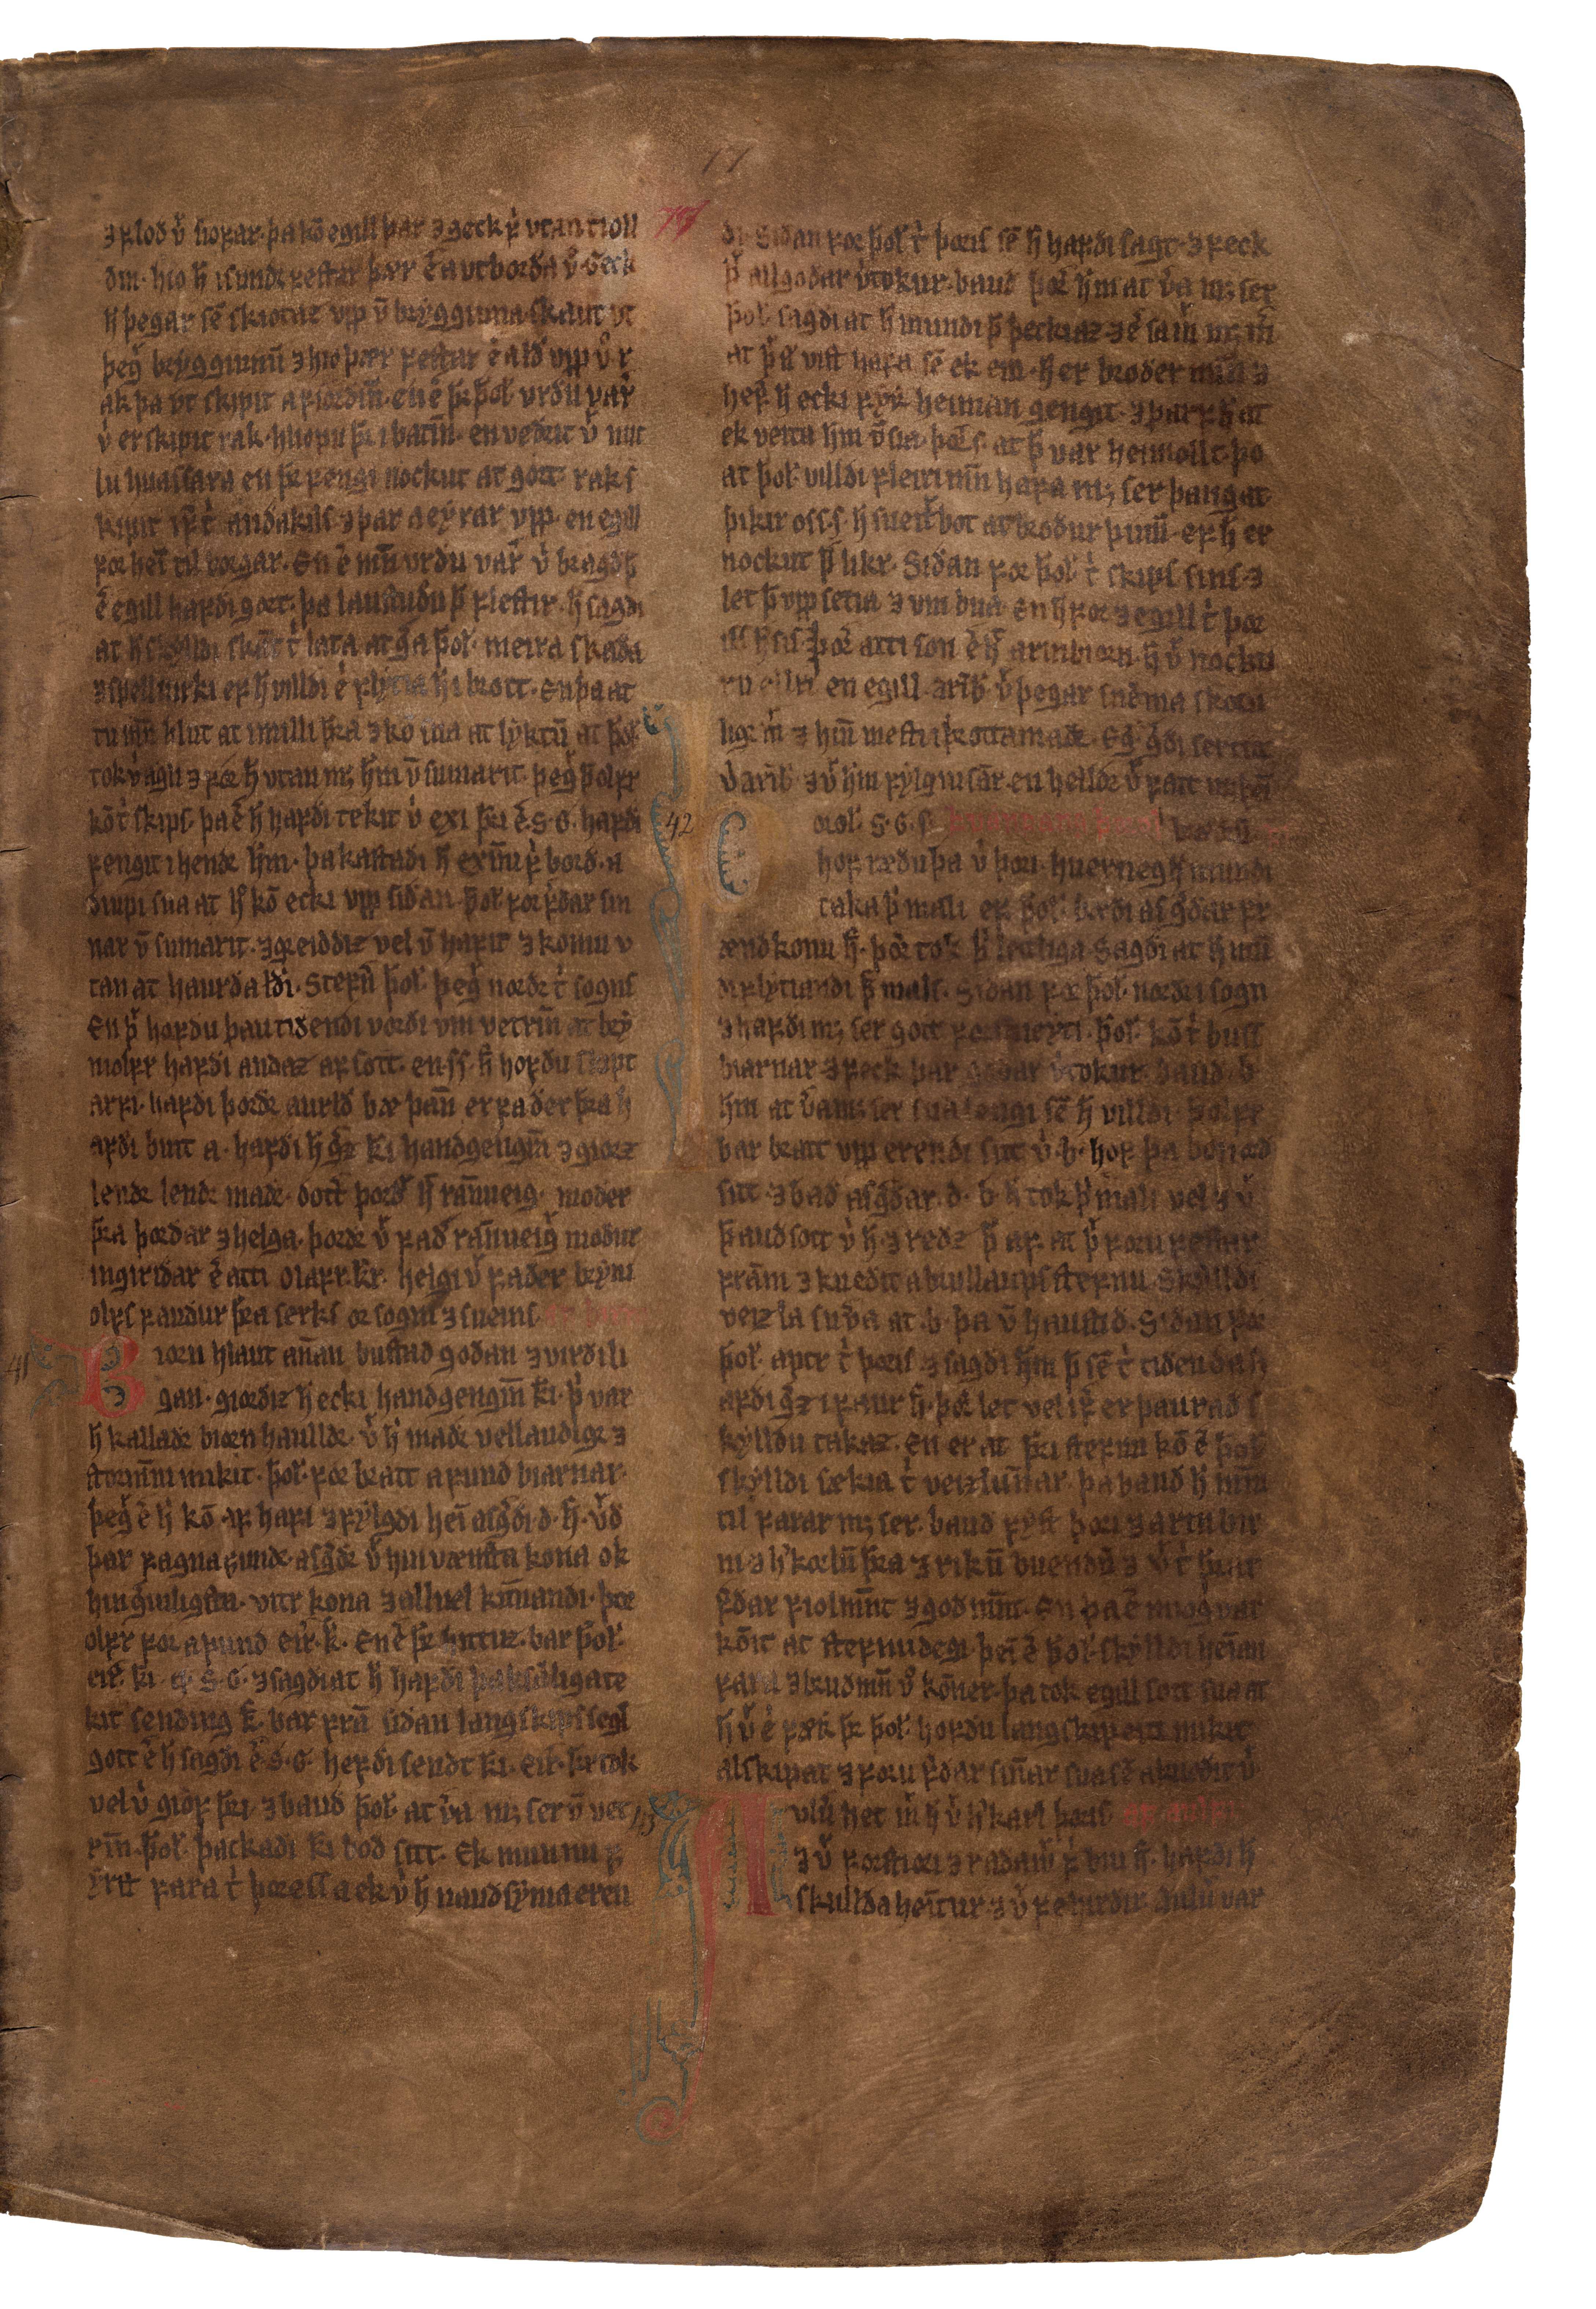 AM 132 fol - 77r